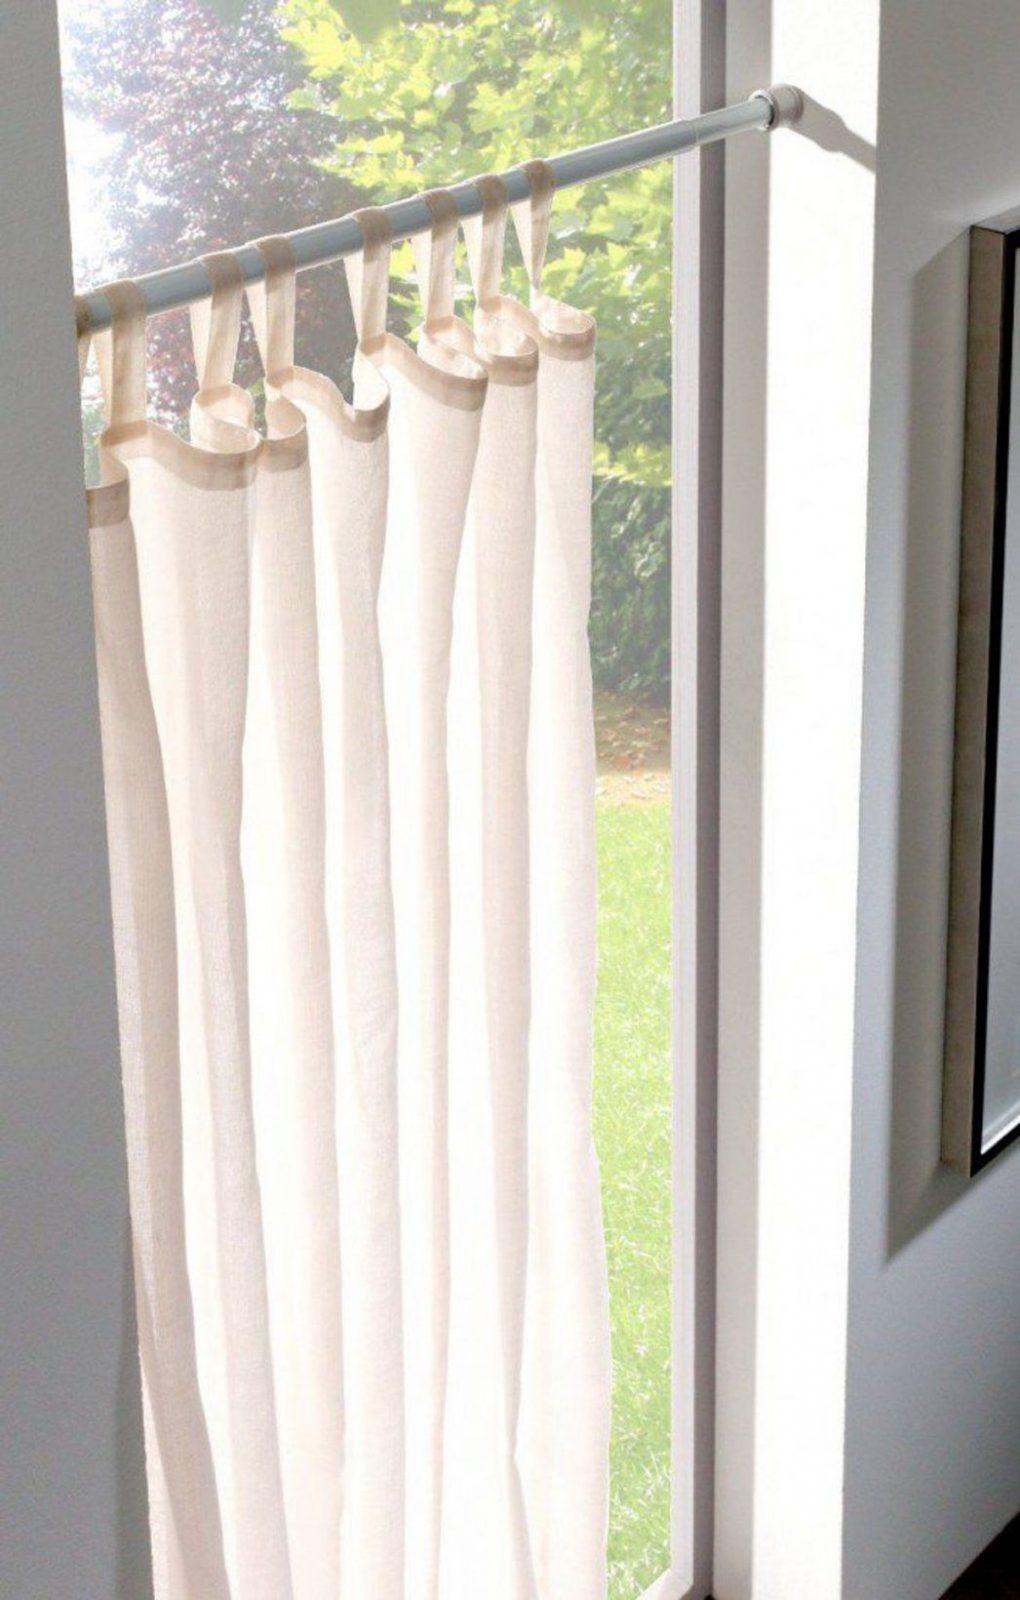 Gardinen Aufhängen Anbringen Anleitung  Pauwnieuws von Gardinenstange Anbringen Ohne Bohren Photo